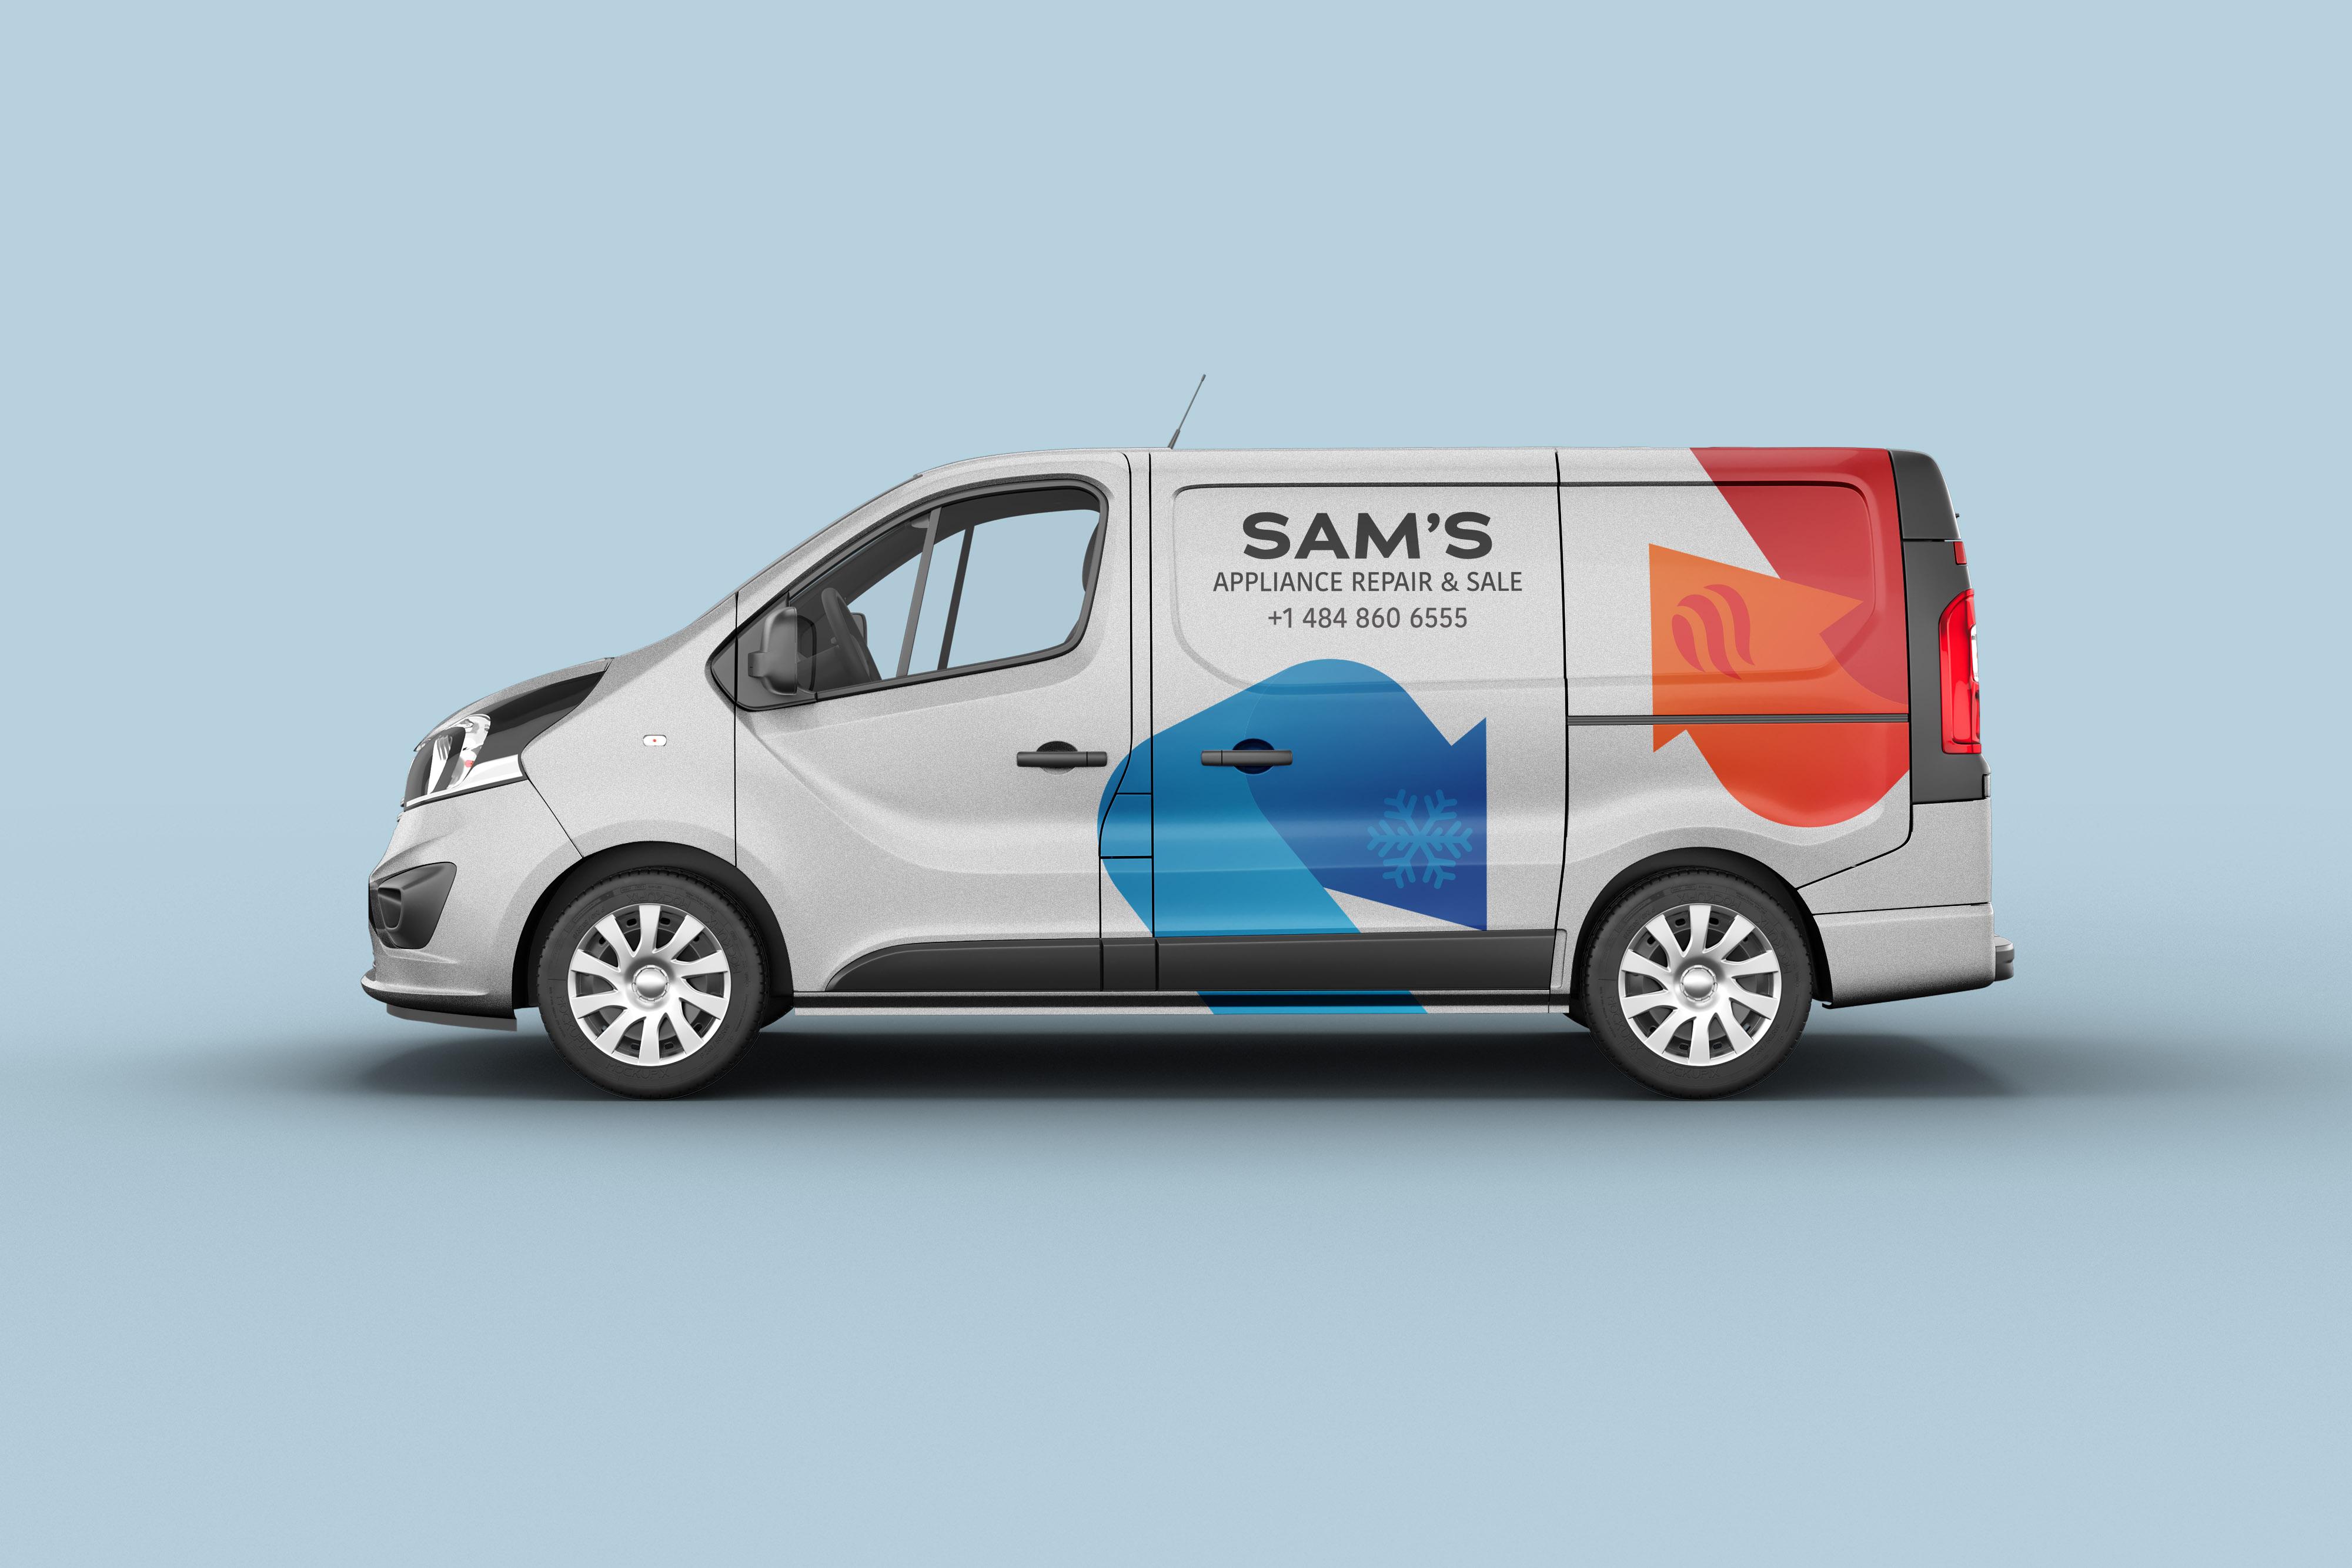 Sam's appliance & repair